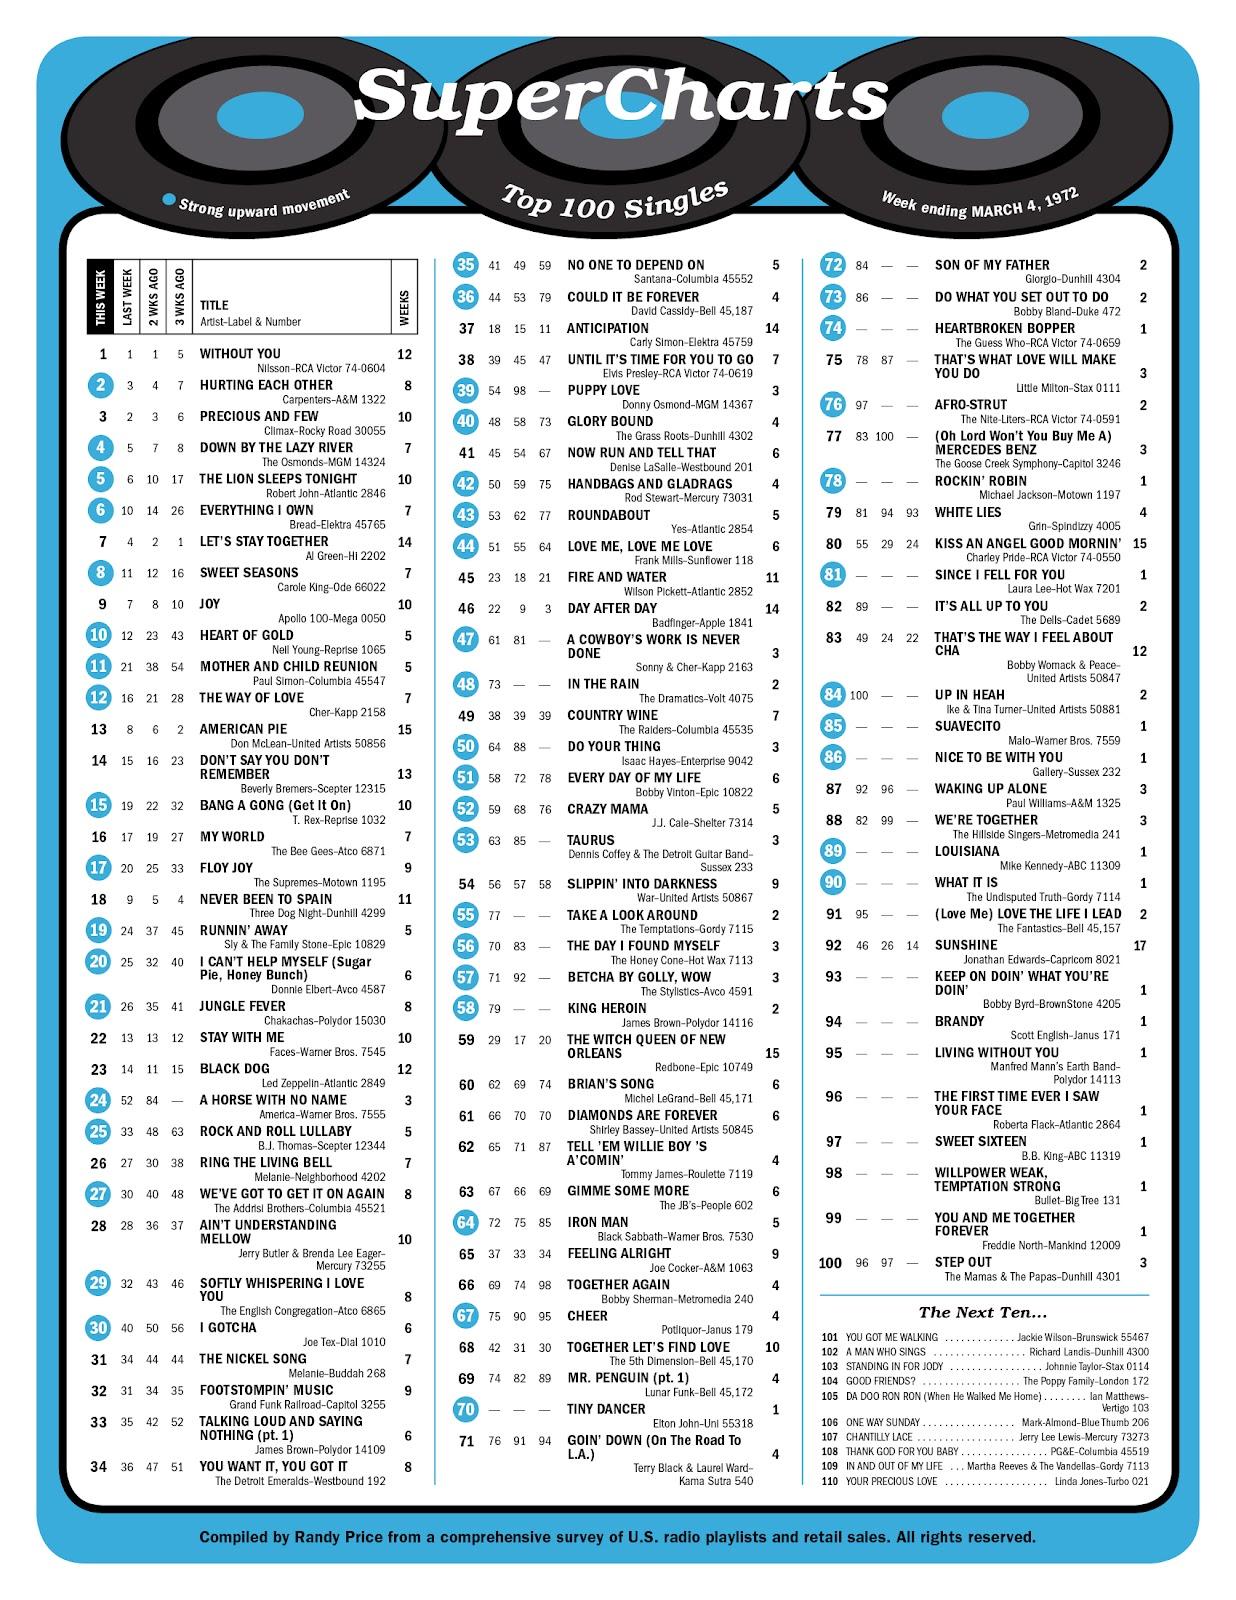 Billboard Top 100 - 1970 - 1974 - klatenmusik.blogspot.com